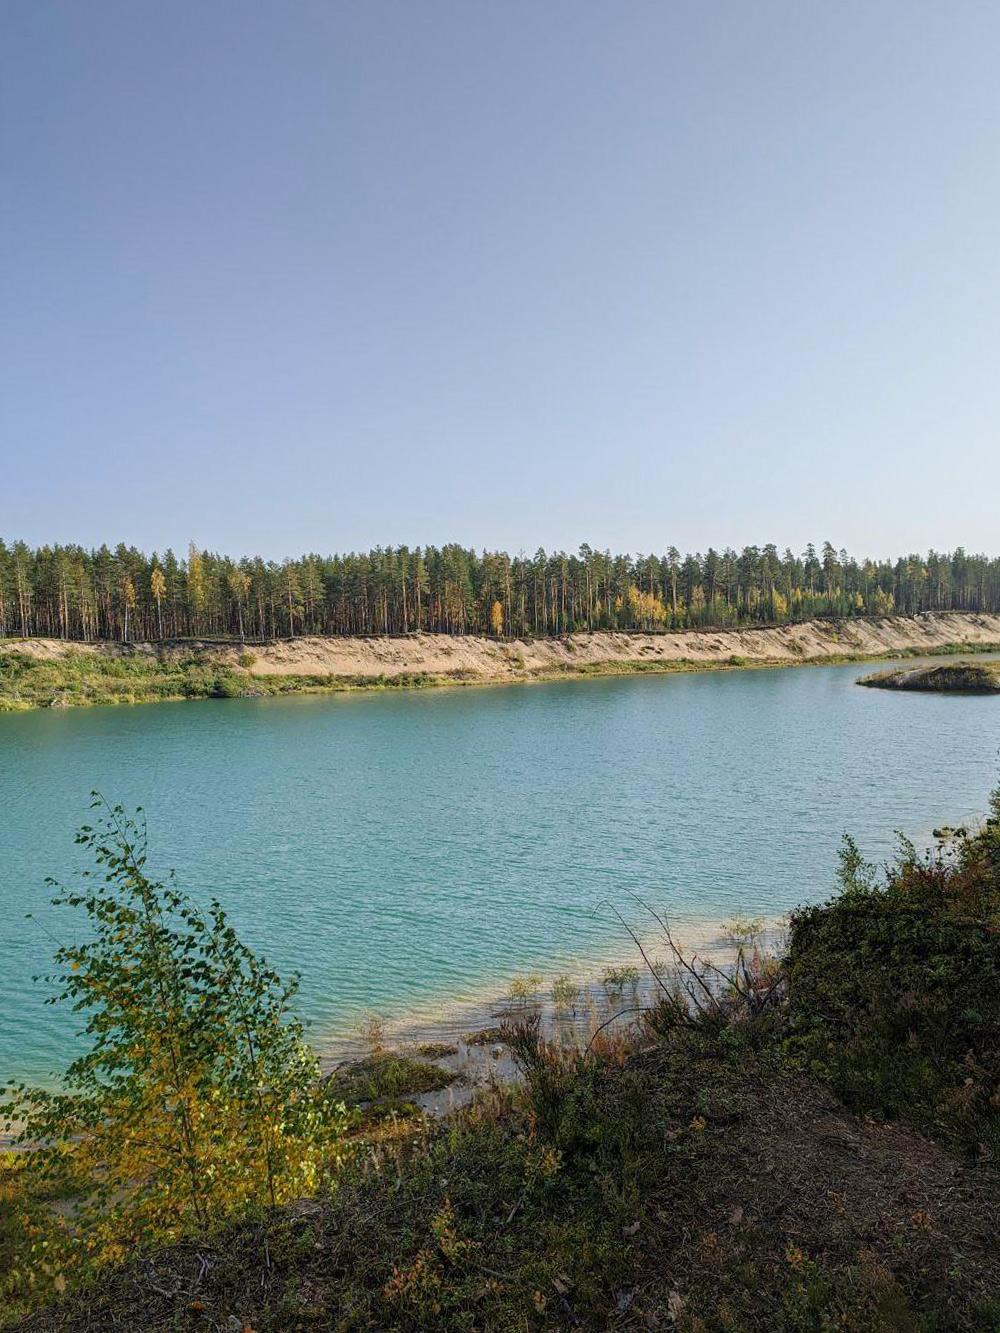 Лет 15 не ездила в Заходское, было очень неожиданно обнаружить вместо привычного леса озеро надне нового карьера. Интересно, что совсем рядом есть обычное лесное озеро с торфяной водой, авэтом — прозрачная, голубая. Но, видимо, все это было выкопано уже давно, вновом озере водятся окуни, парочка которых крутилась уберега